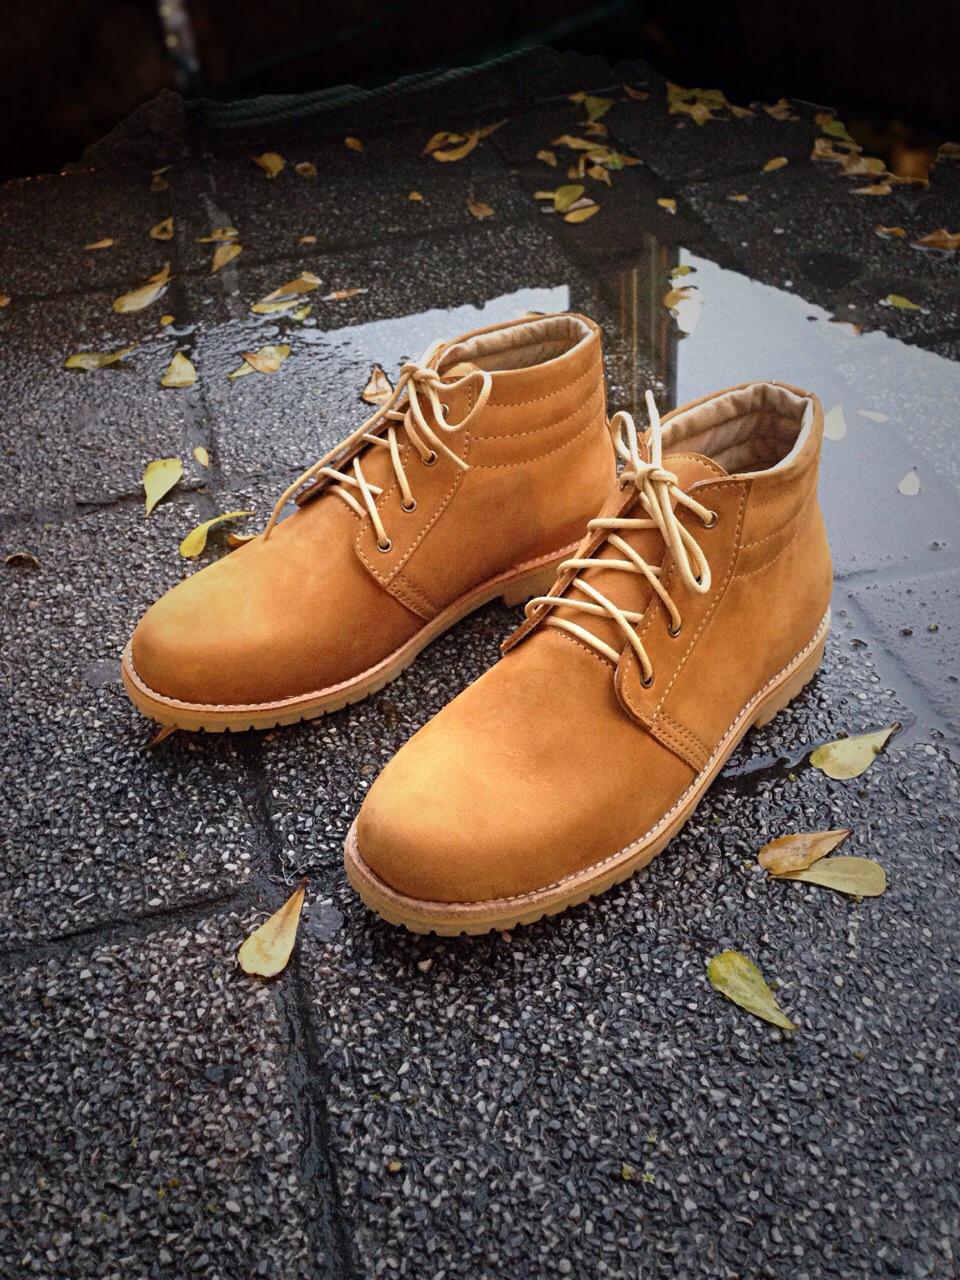 รองเท้าผู้ชาย | รองเท้าแฟชั่นชาย Tan Ankle Boot หนังนูบัคแท้ กันน้ำ